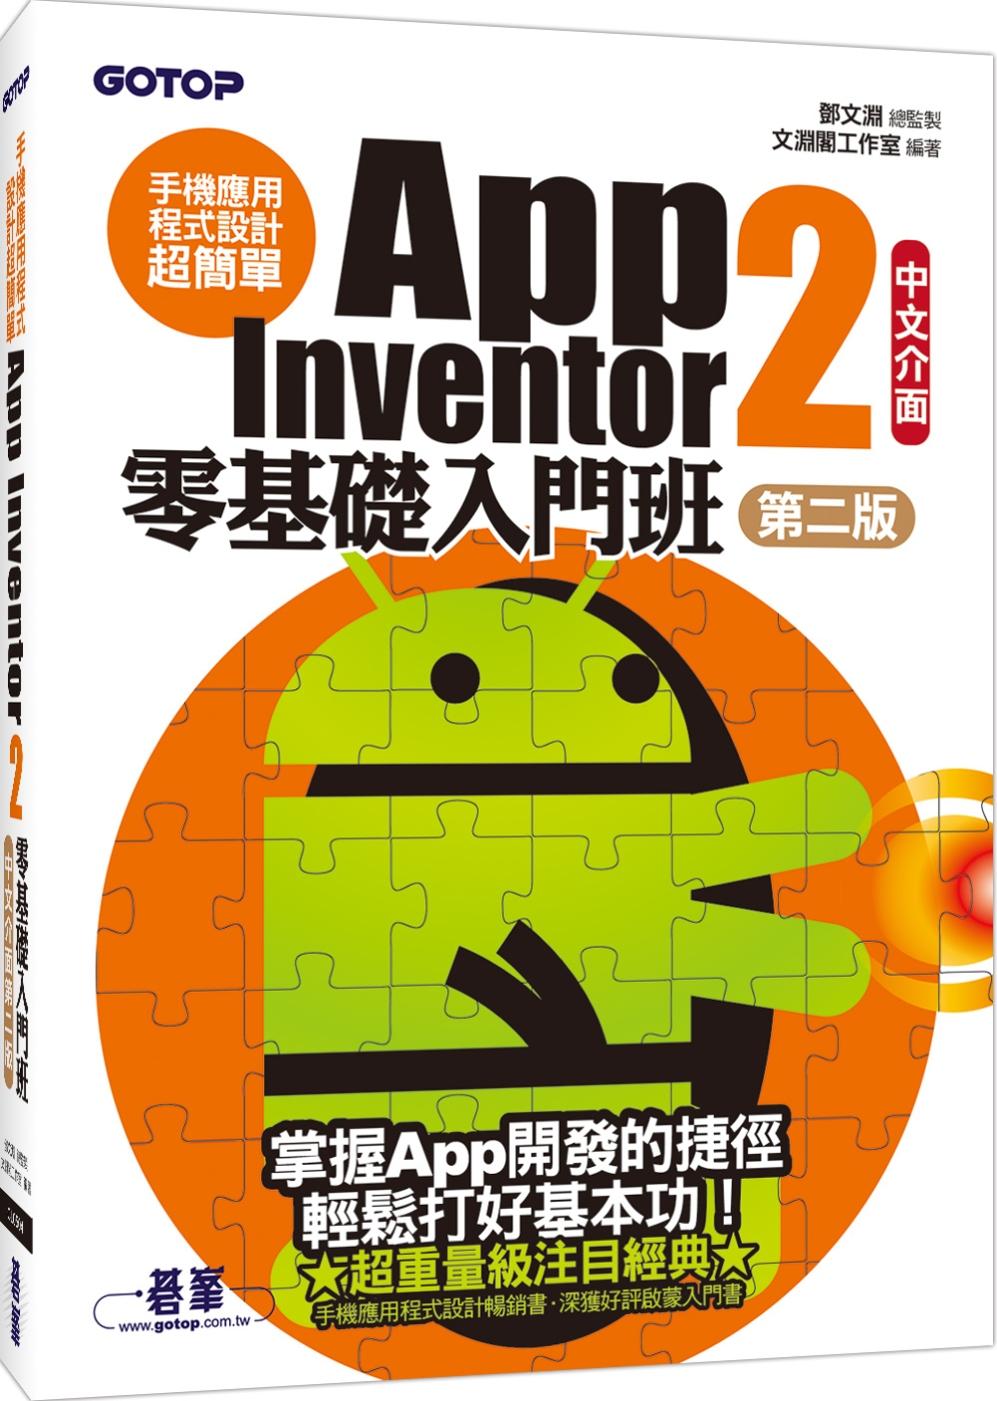 手機應用程式設計超簡單:App Inventor 2零基礎入門班(中文介面第二版) (附影音/範例/架設解說pdf)